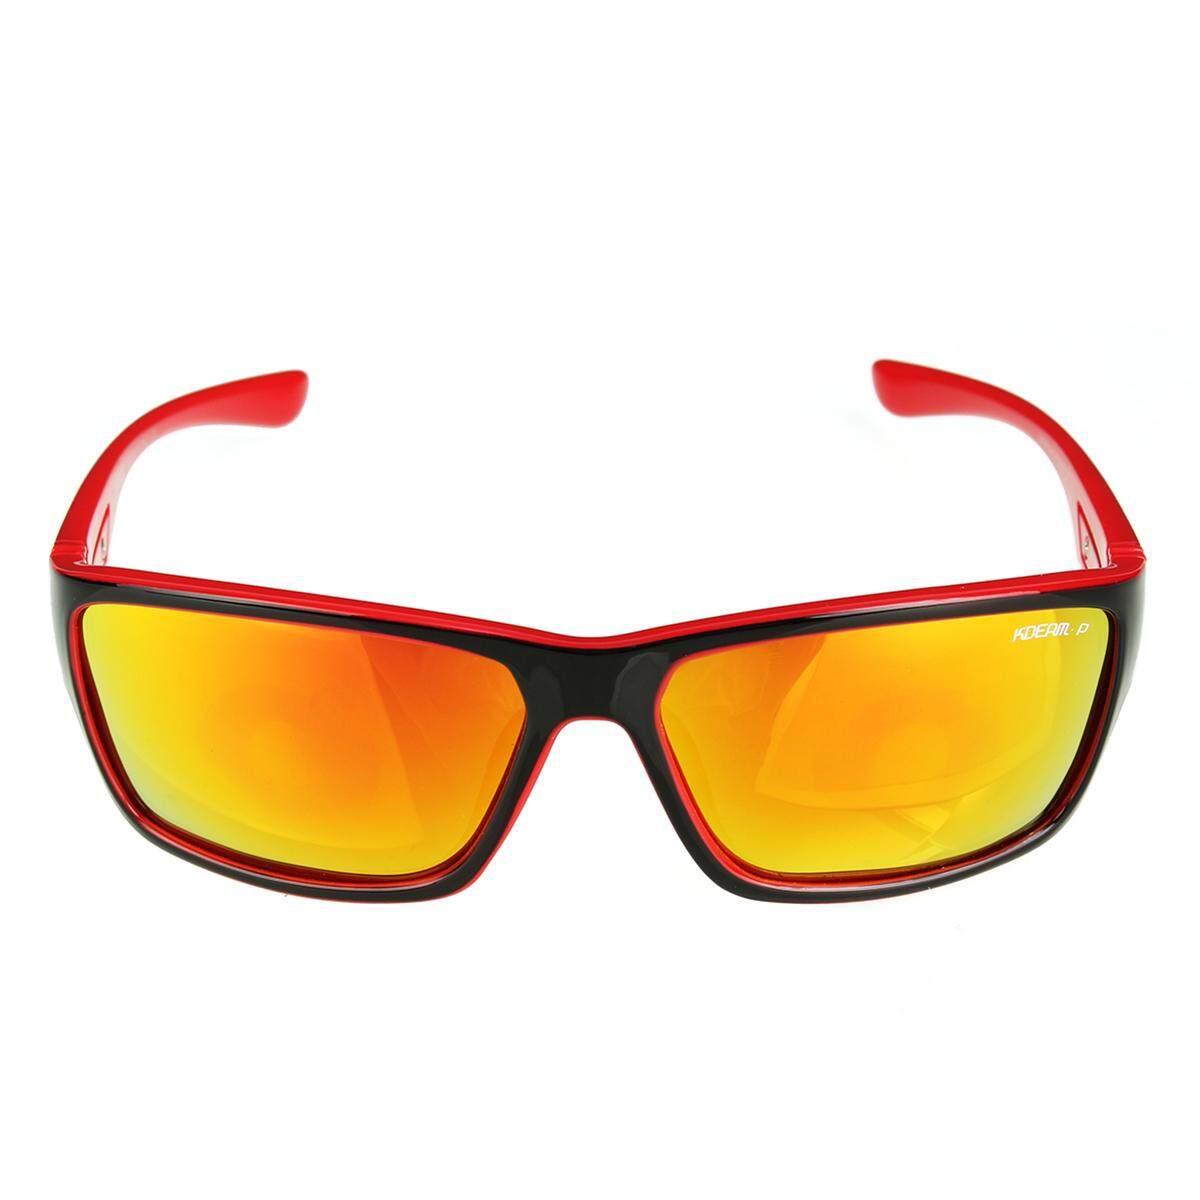 2 X Kdeam Kacamata Terpolarisasi Kacamata Hitam Retro Persegi Luar Ruangan Olahraga Bersepeda Helm Matahari Kacamata C4-Internasional